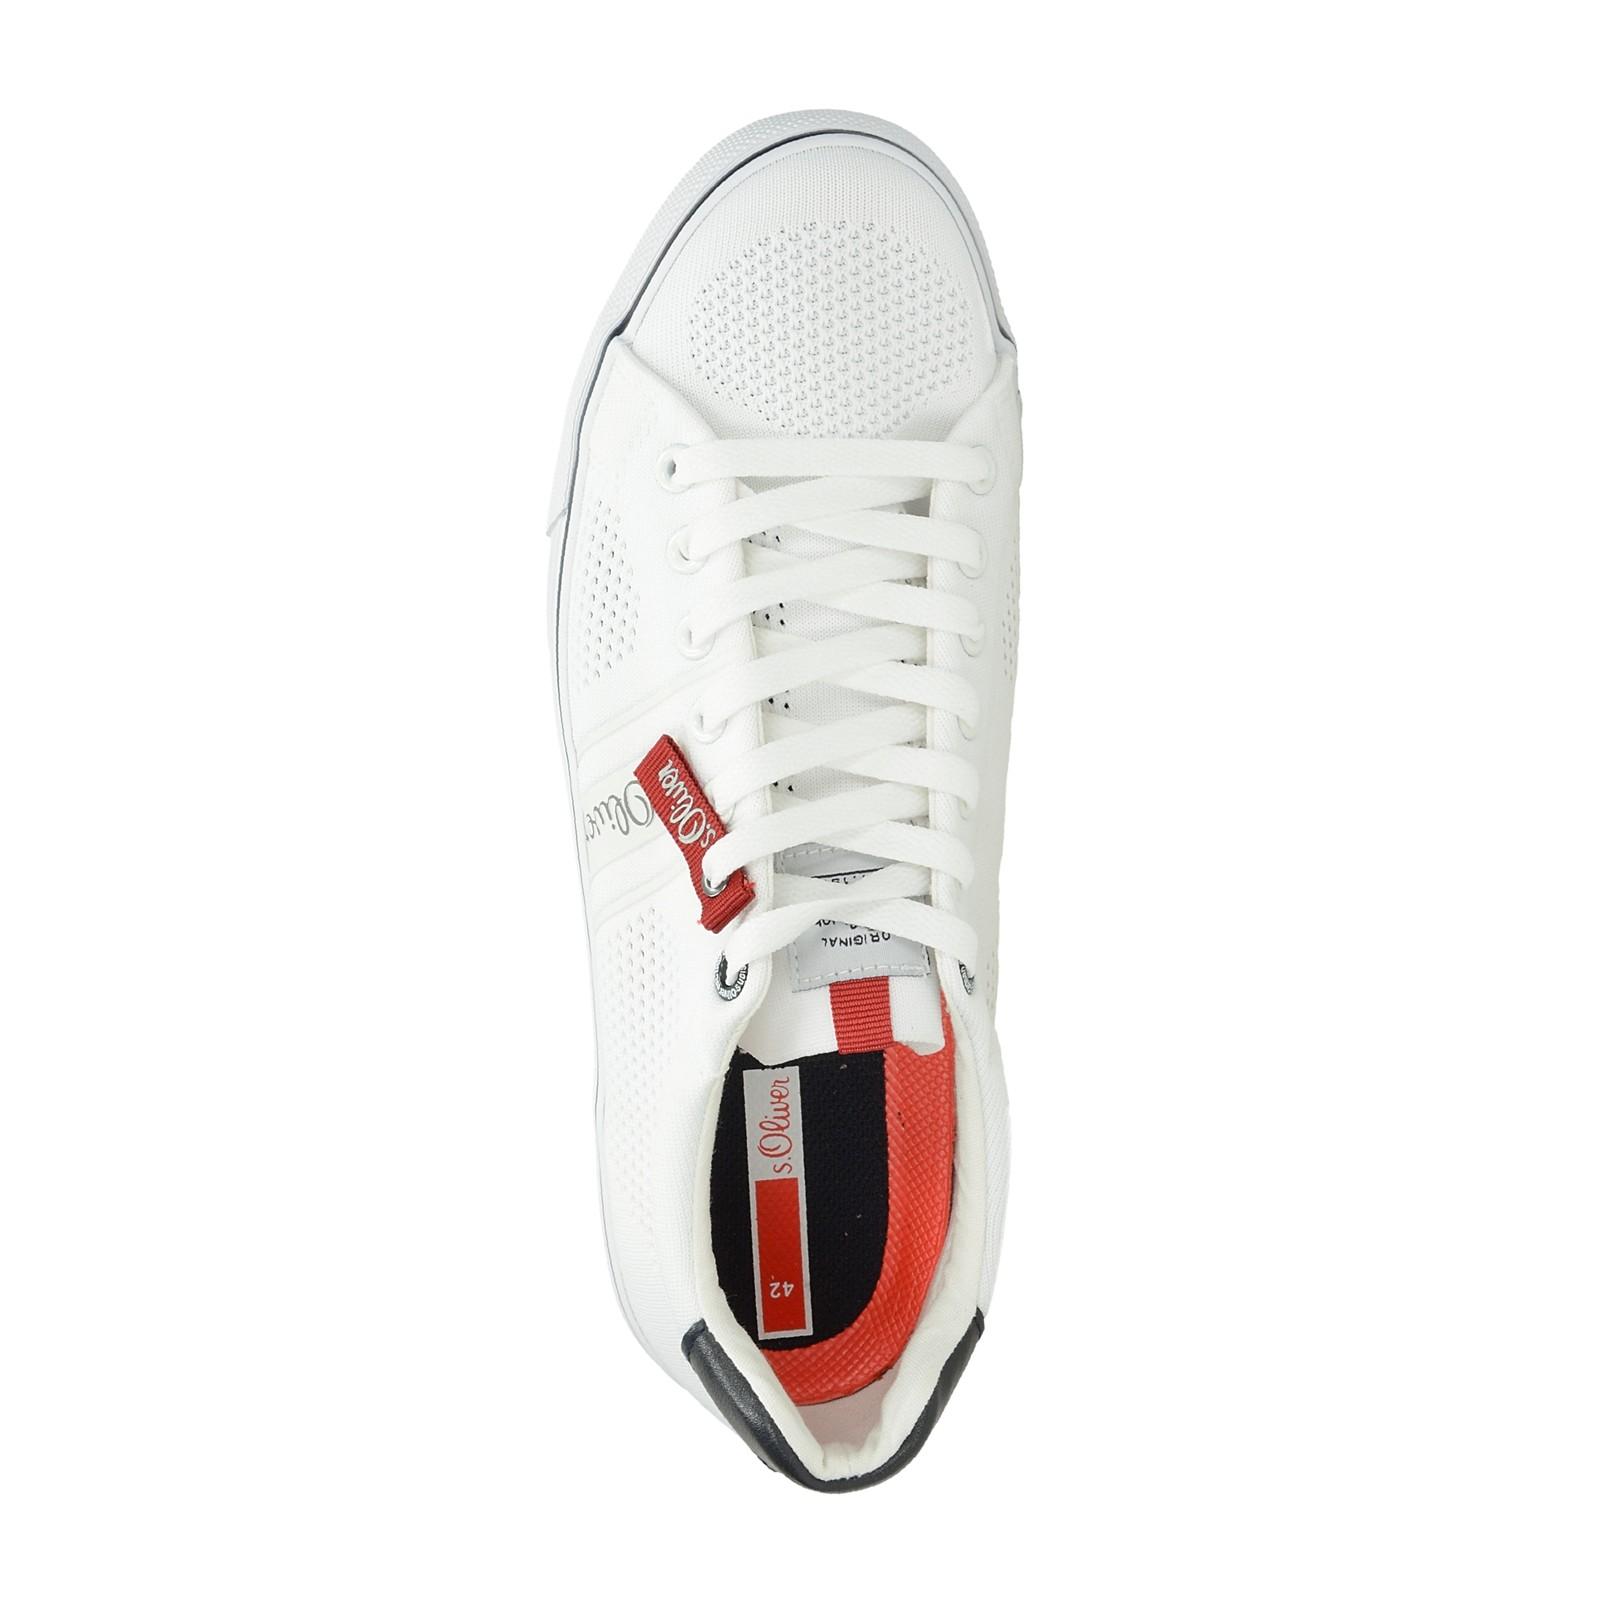 s.Oliver pánské pohodlné tenisky - bílé